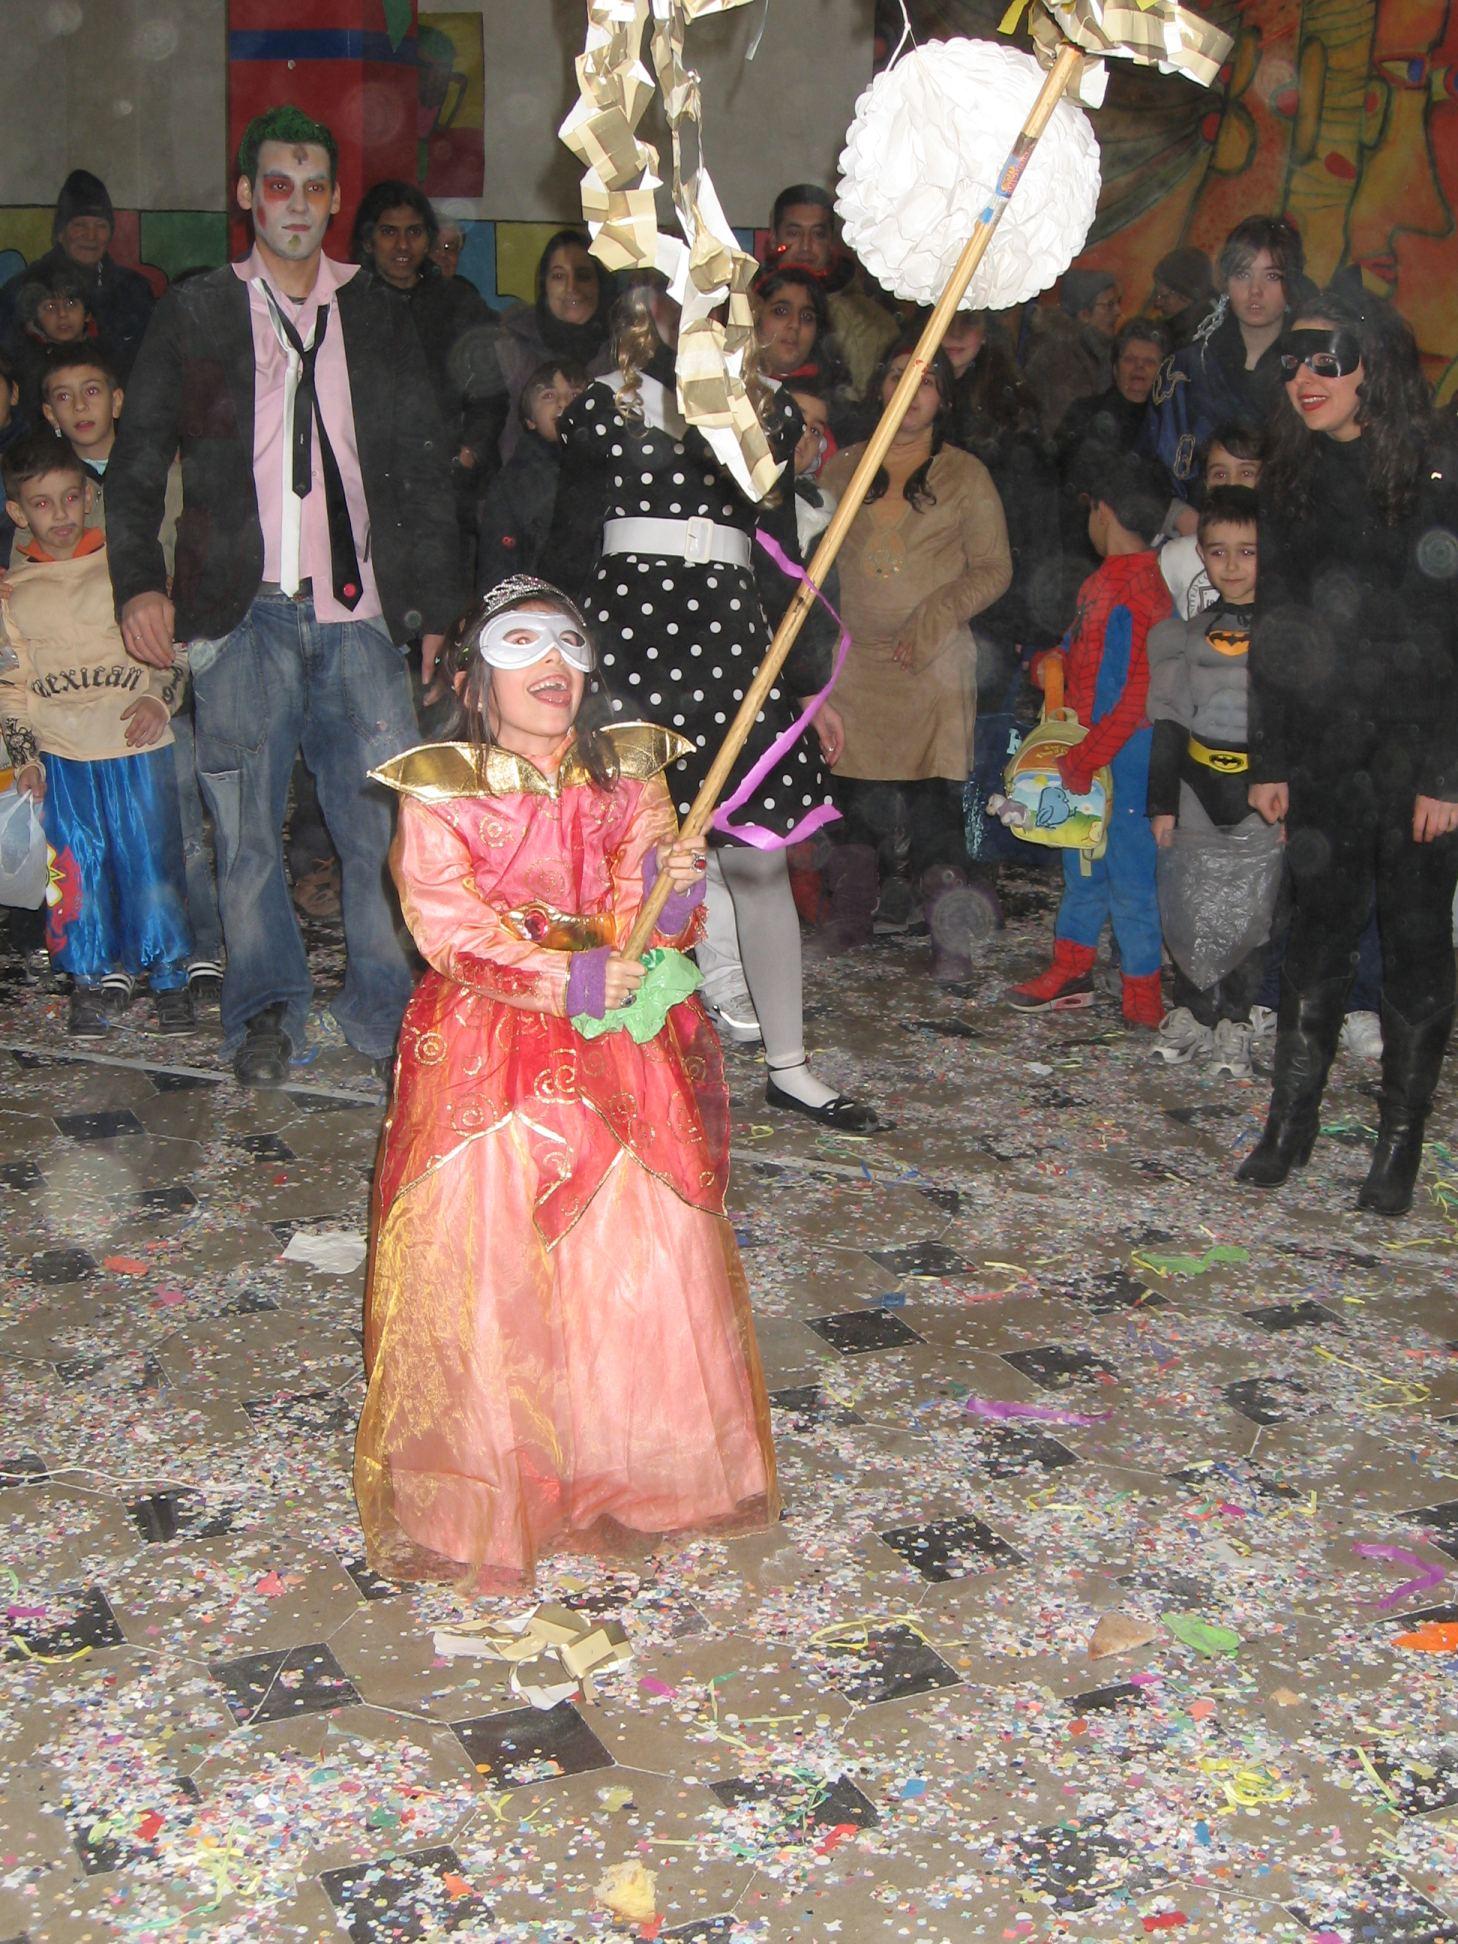 Pentolaccia-2010-02-14--17.41.30